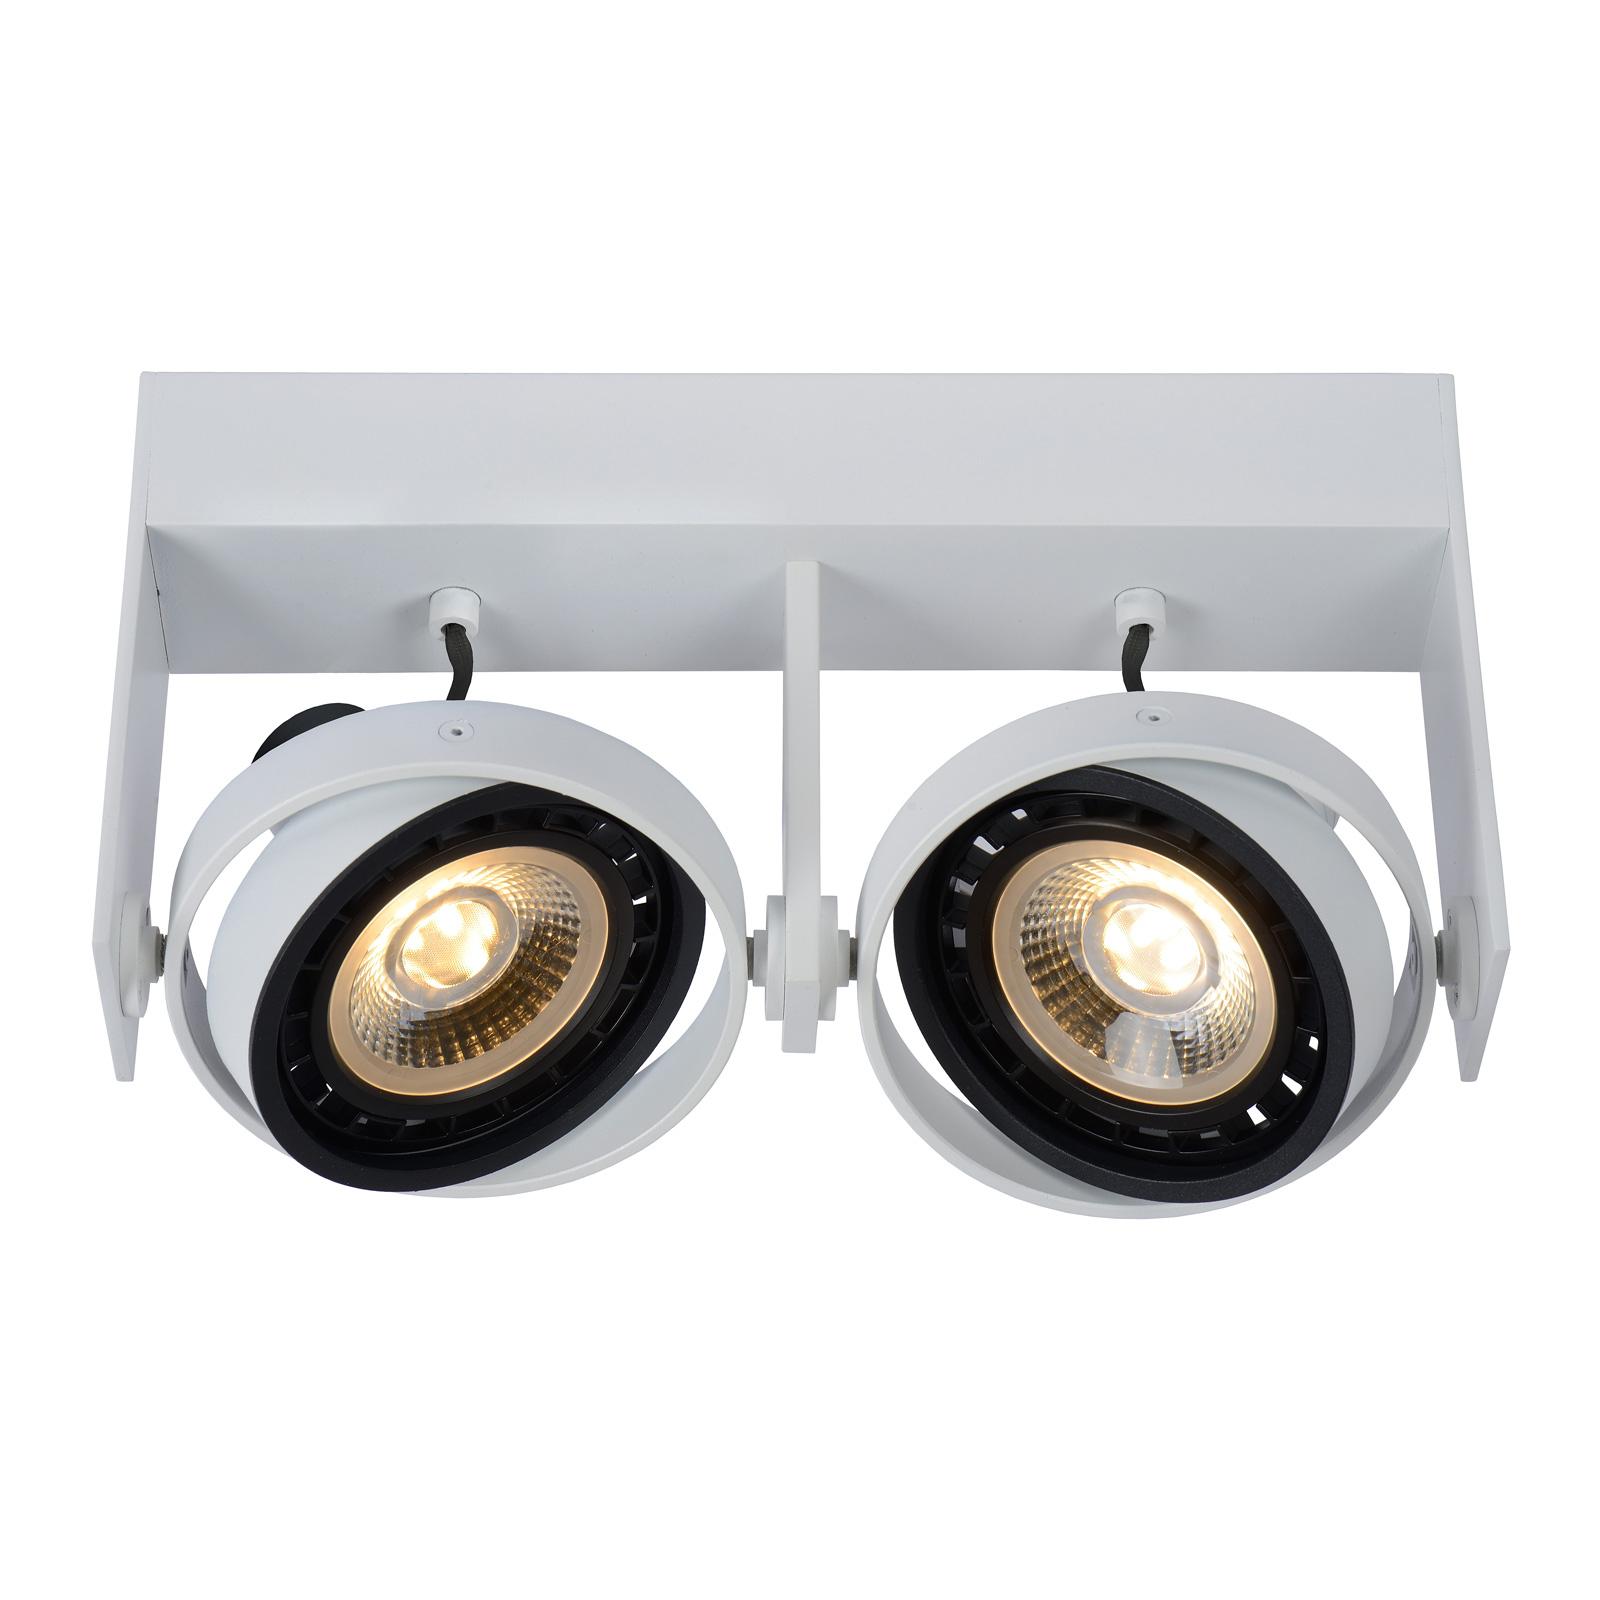 LED-kattokohdevalo Griffon valkoinen, 2-lamppuinen